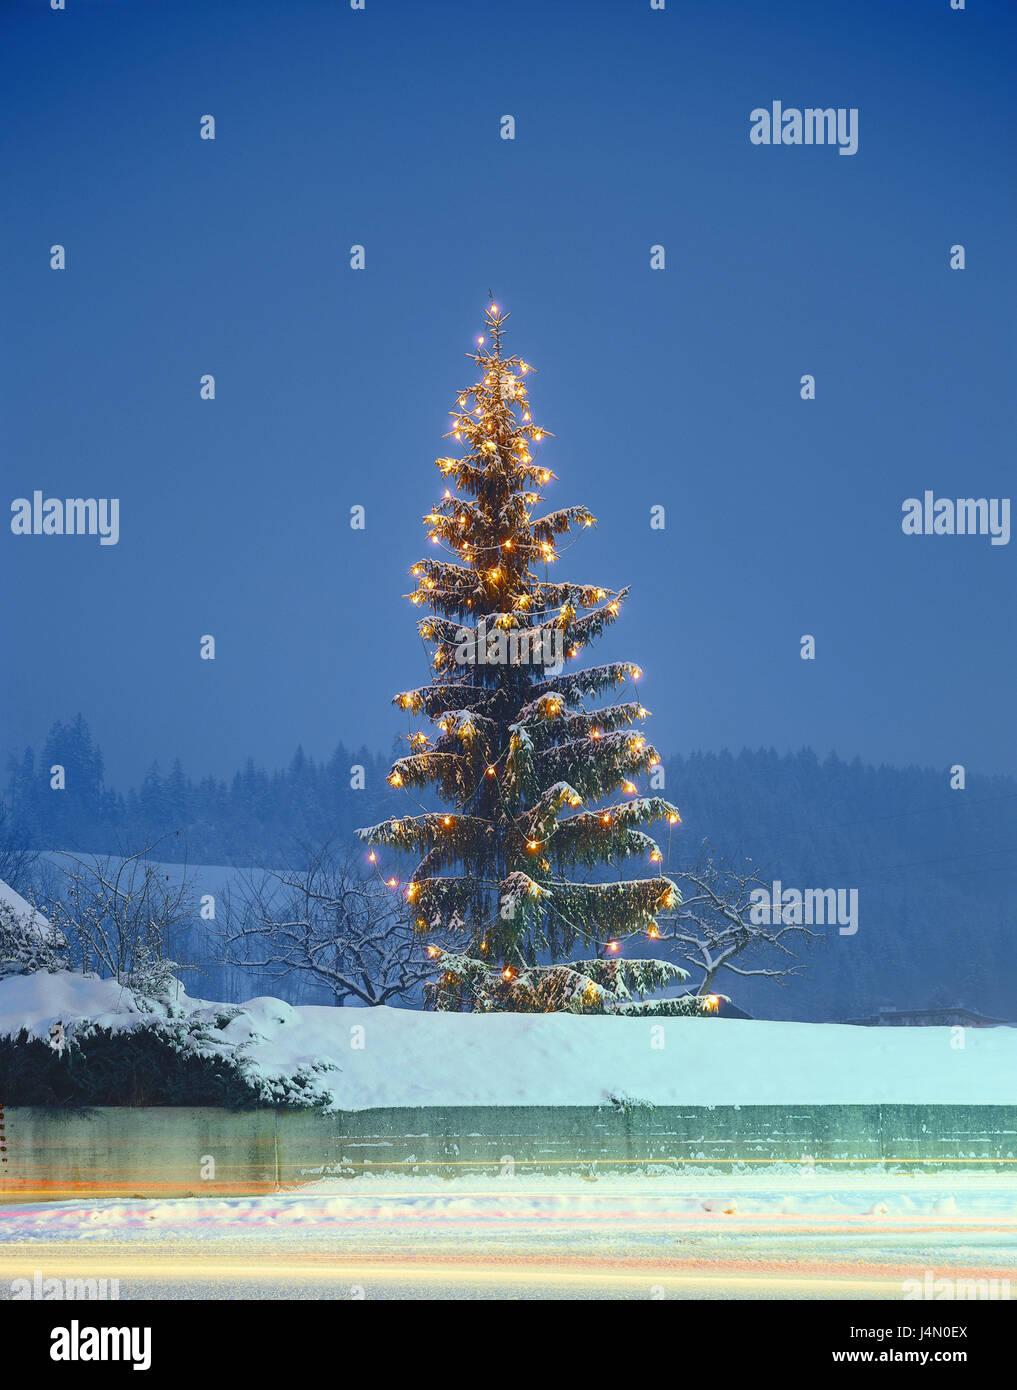 Österreich, Tirol, Unterinntal, Kramsach, Weihnachtsbaum, Lichter ...